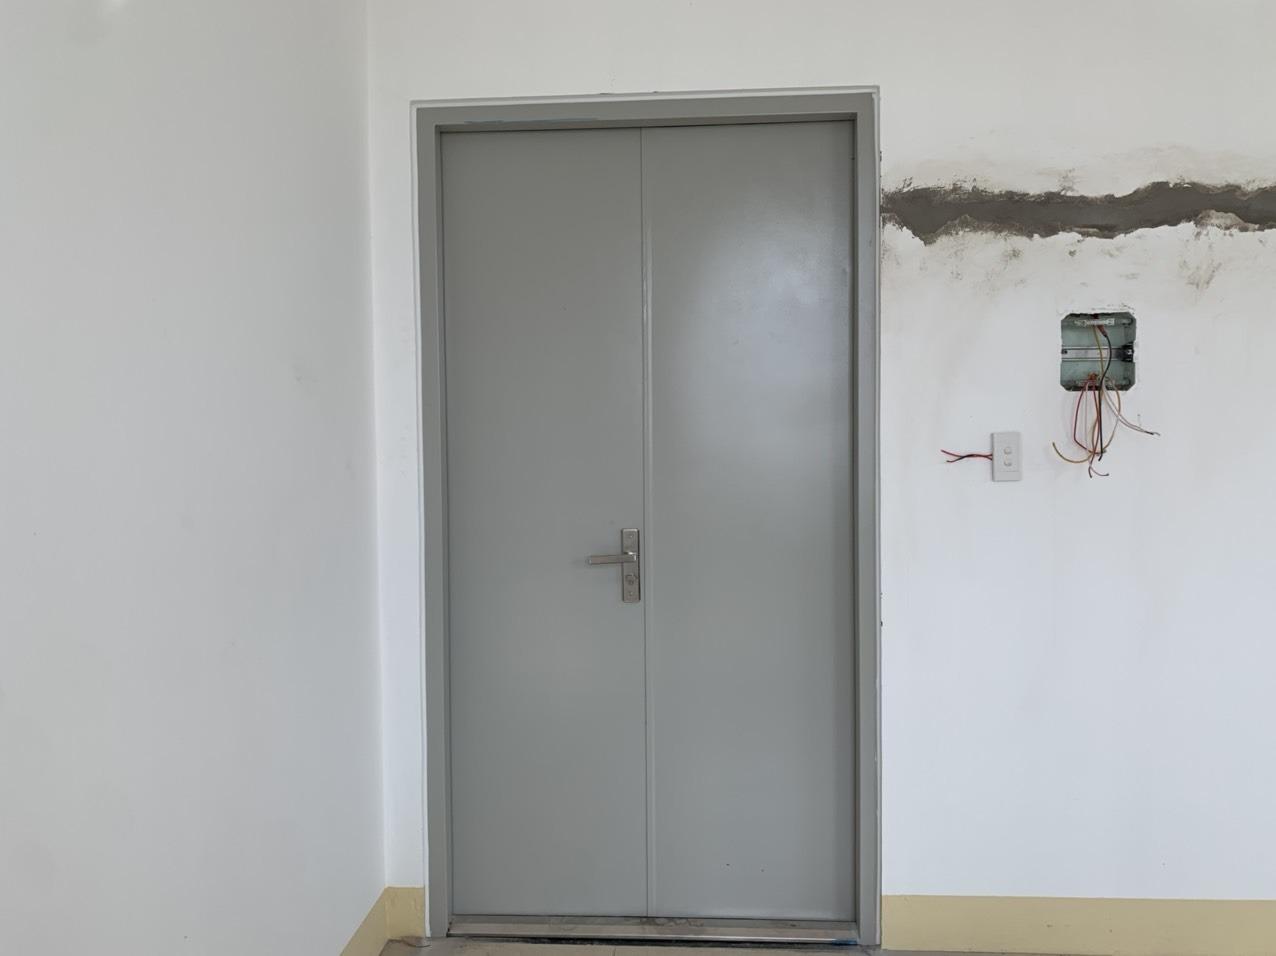 Tiêu chuẩn cửa thép chống cháy là gì?